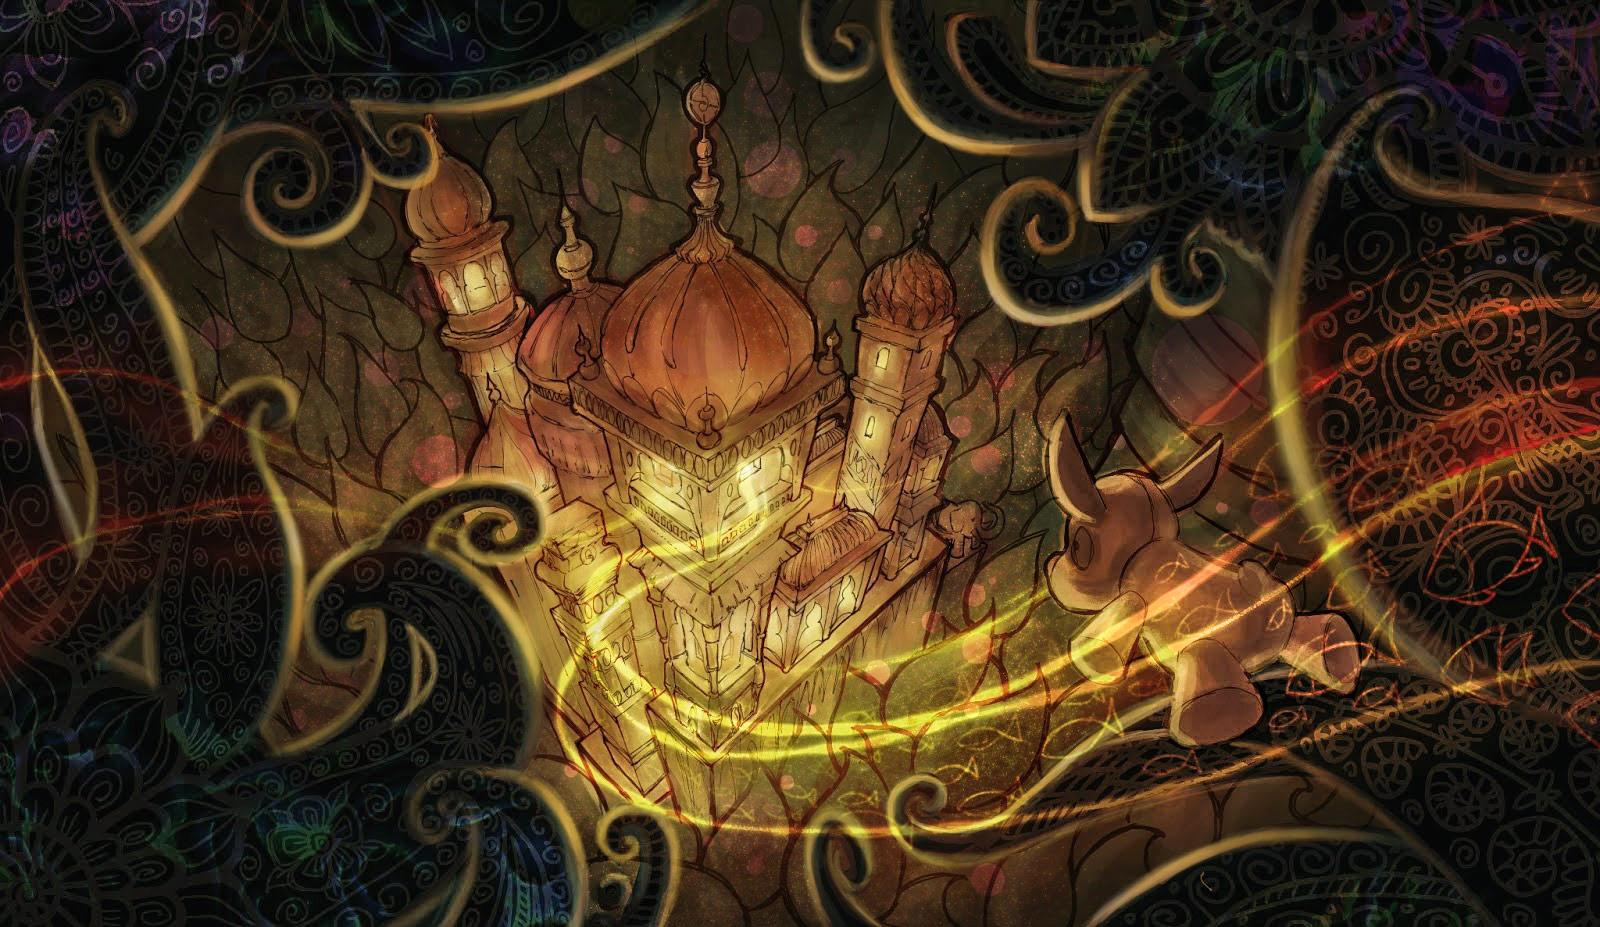 Artaxerxes'in sarayına doğru serüvenine devam eden Roverandom